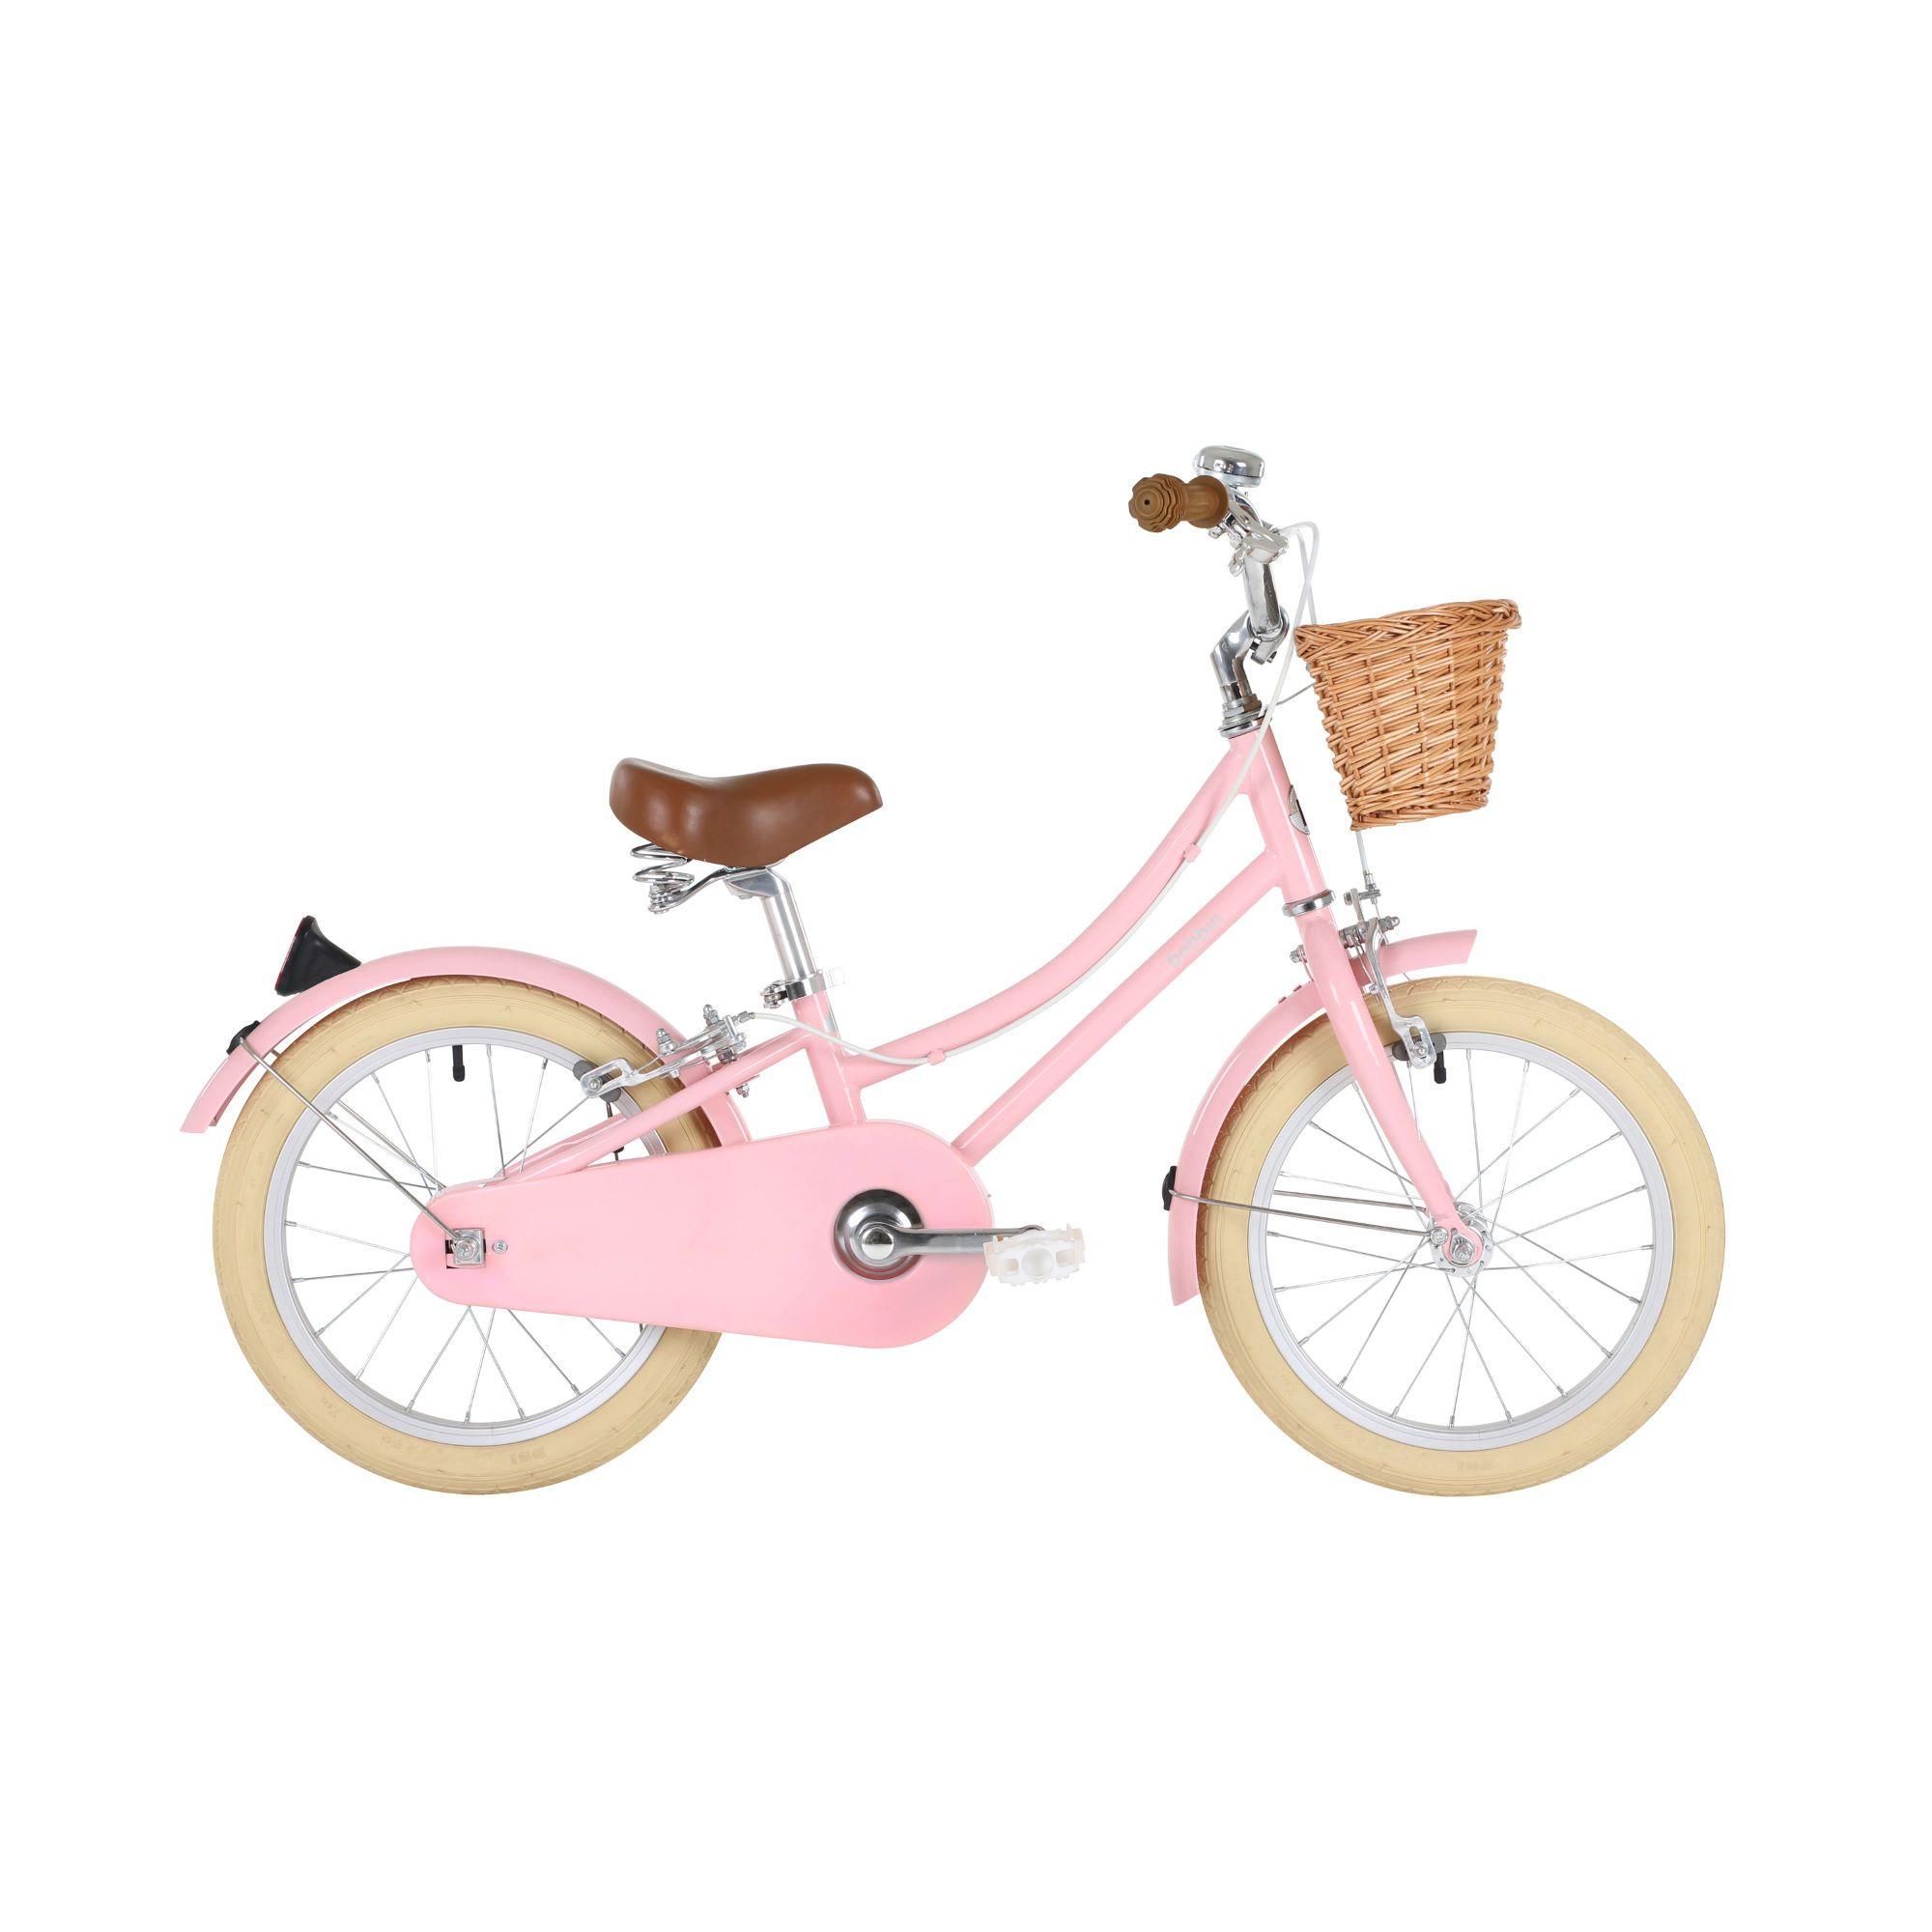 Bobbin Gingersnap 16 Kinderfahrrad Blossom Pink Jugendrader Unter 7 Jahre Wiggle Deutschland Kinder Fahrrad Kinderfahrrad Fahrrad